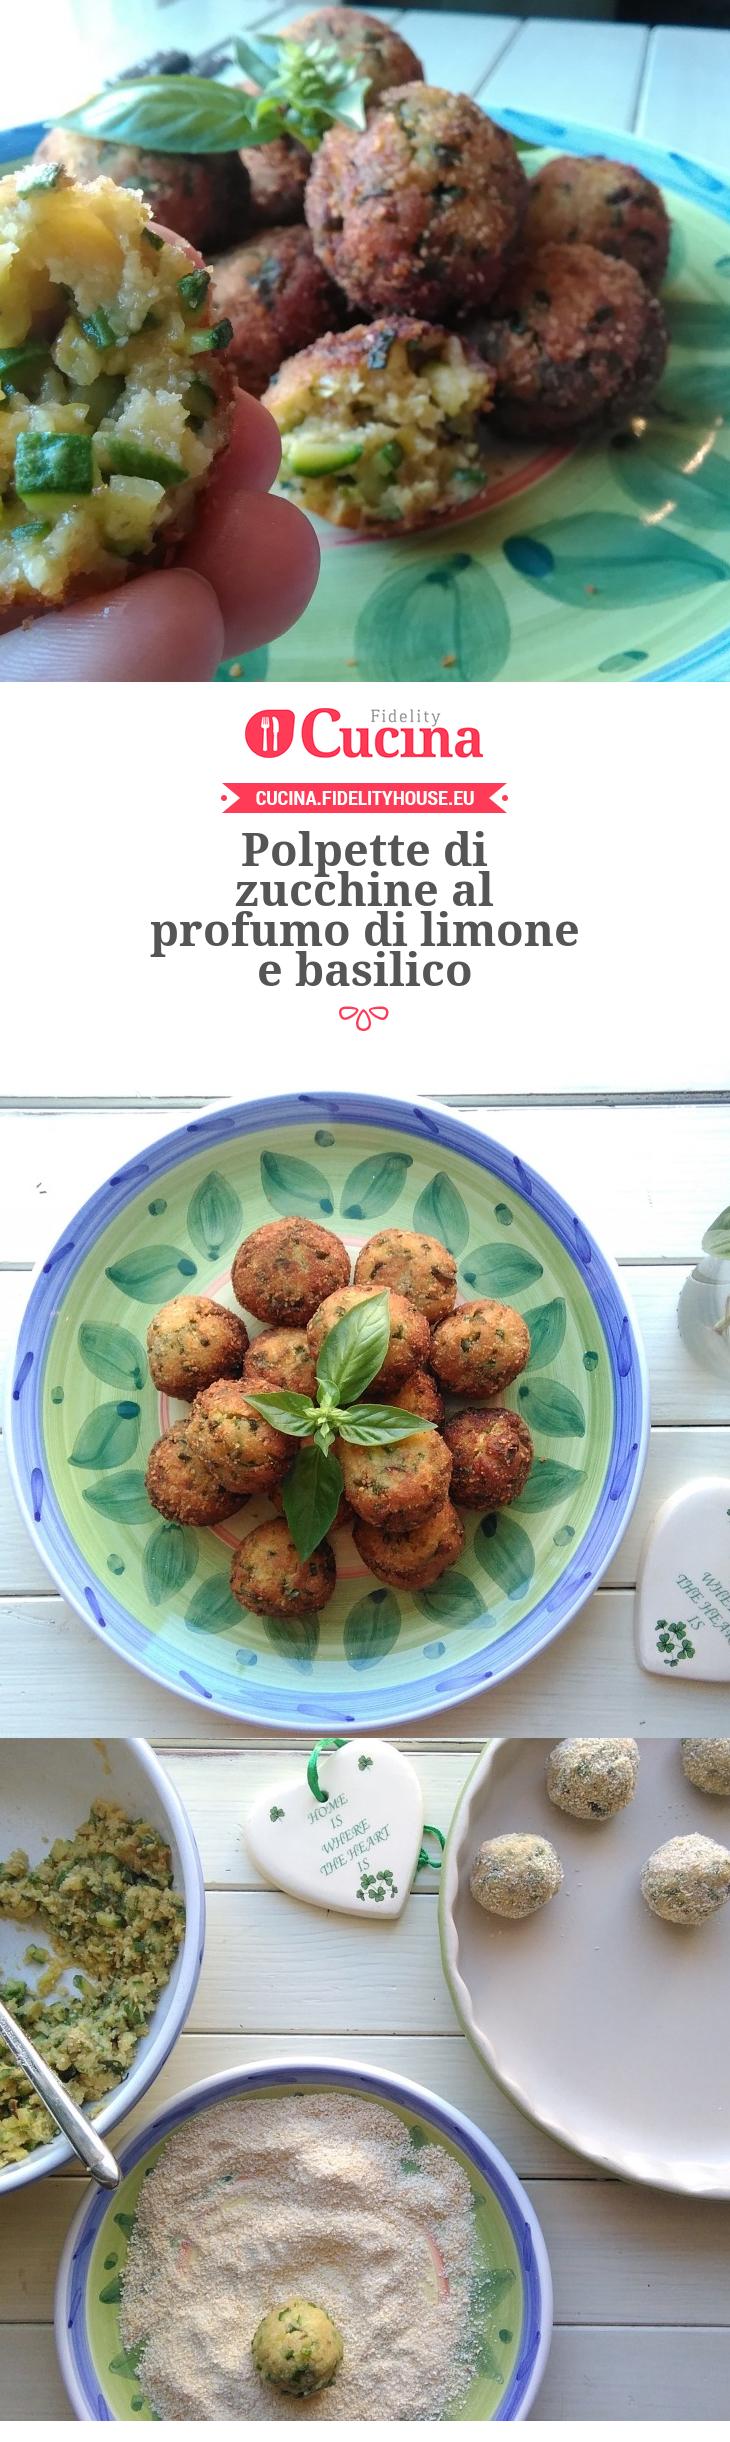 Polpette di zucchine al profumo di limone e basilico for Cucinare vegetariano